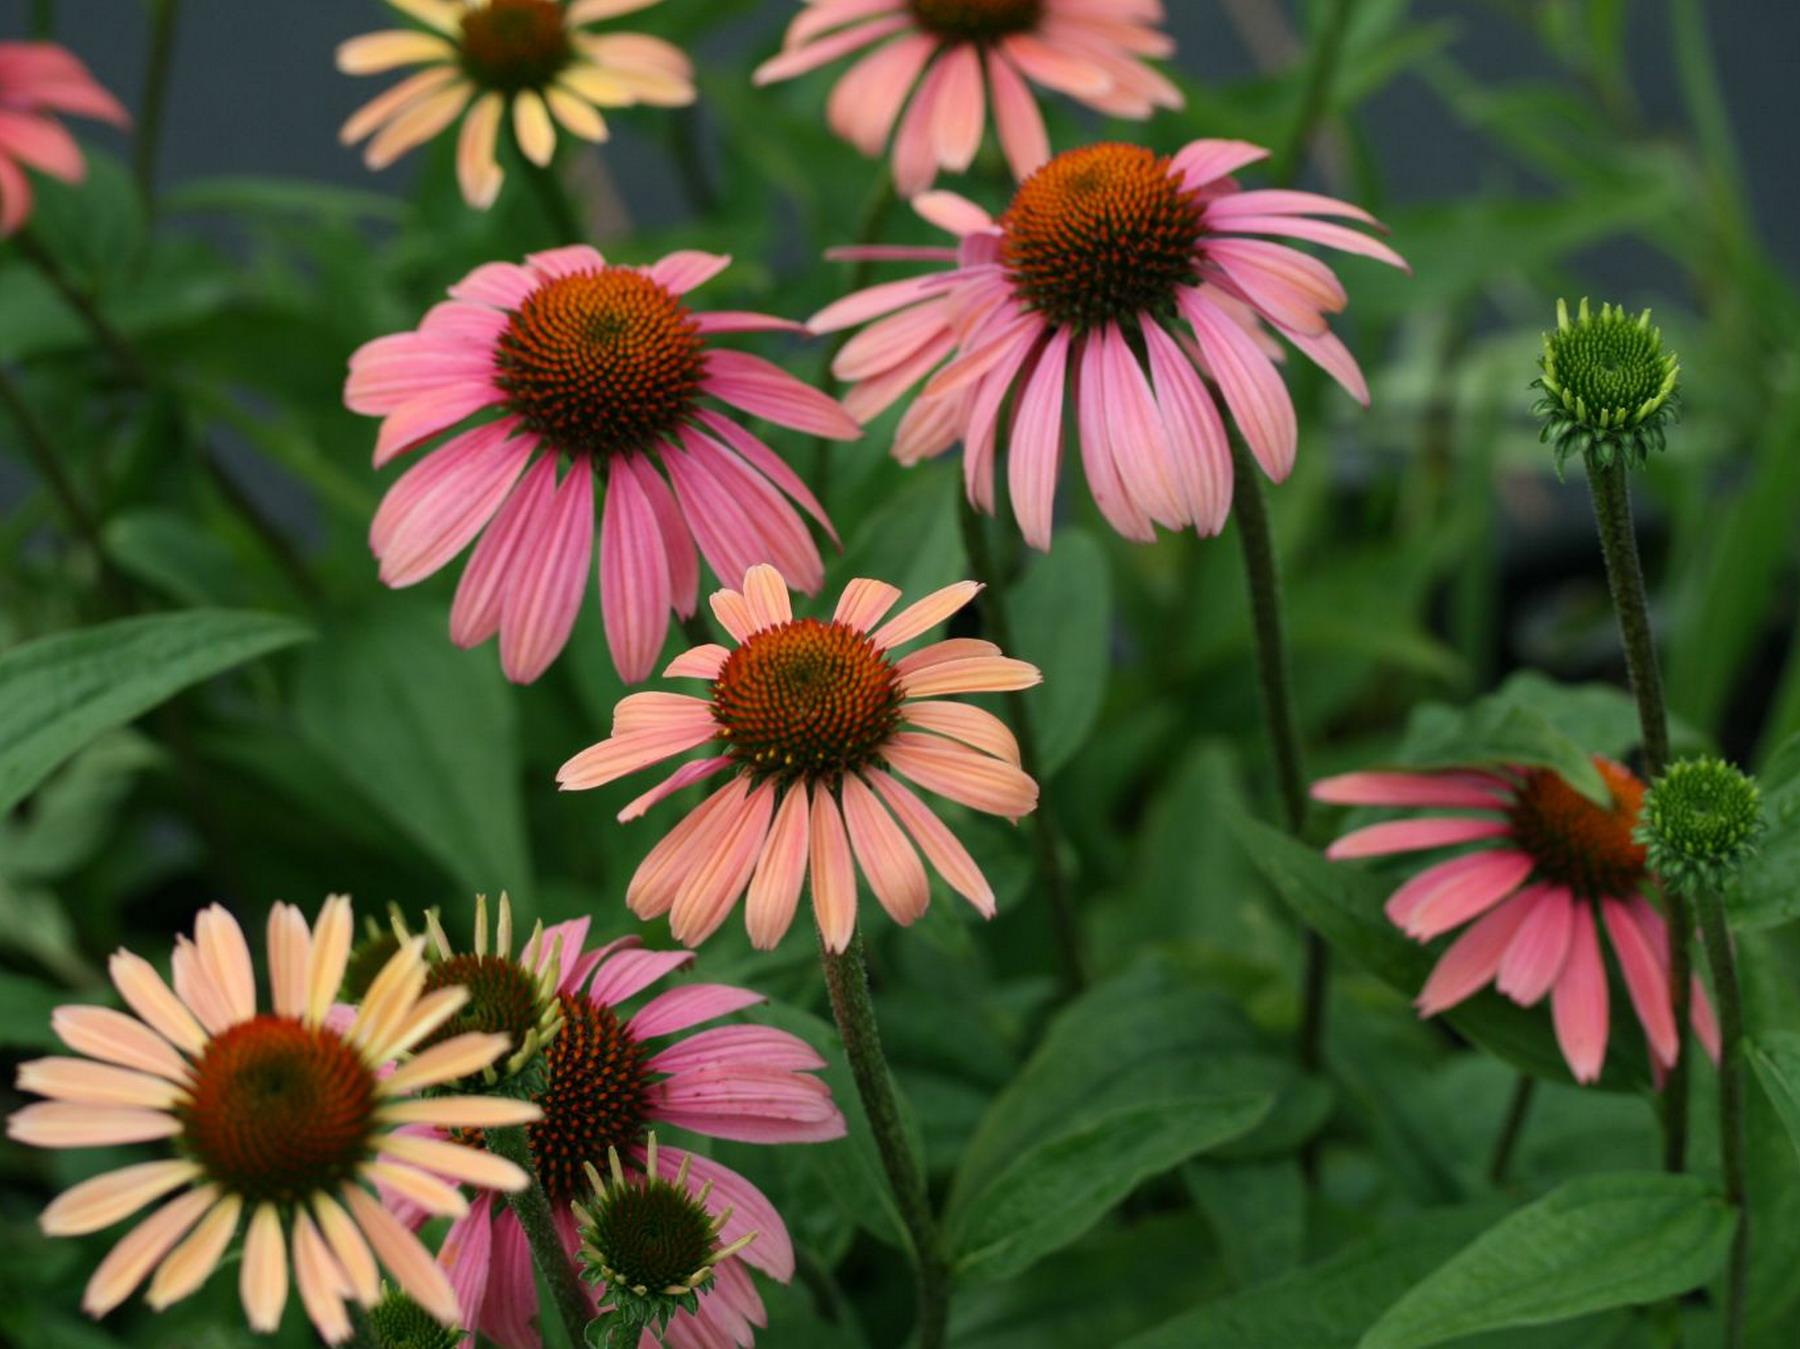 цветы эхинацеи картинки солнечная